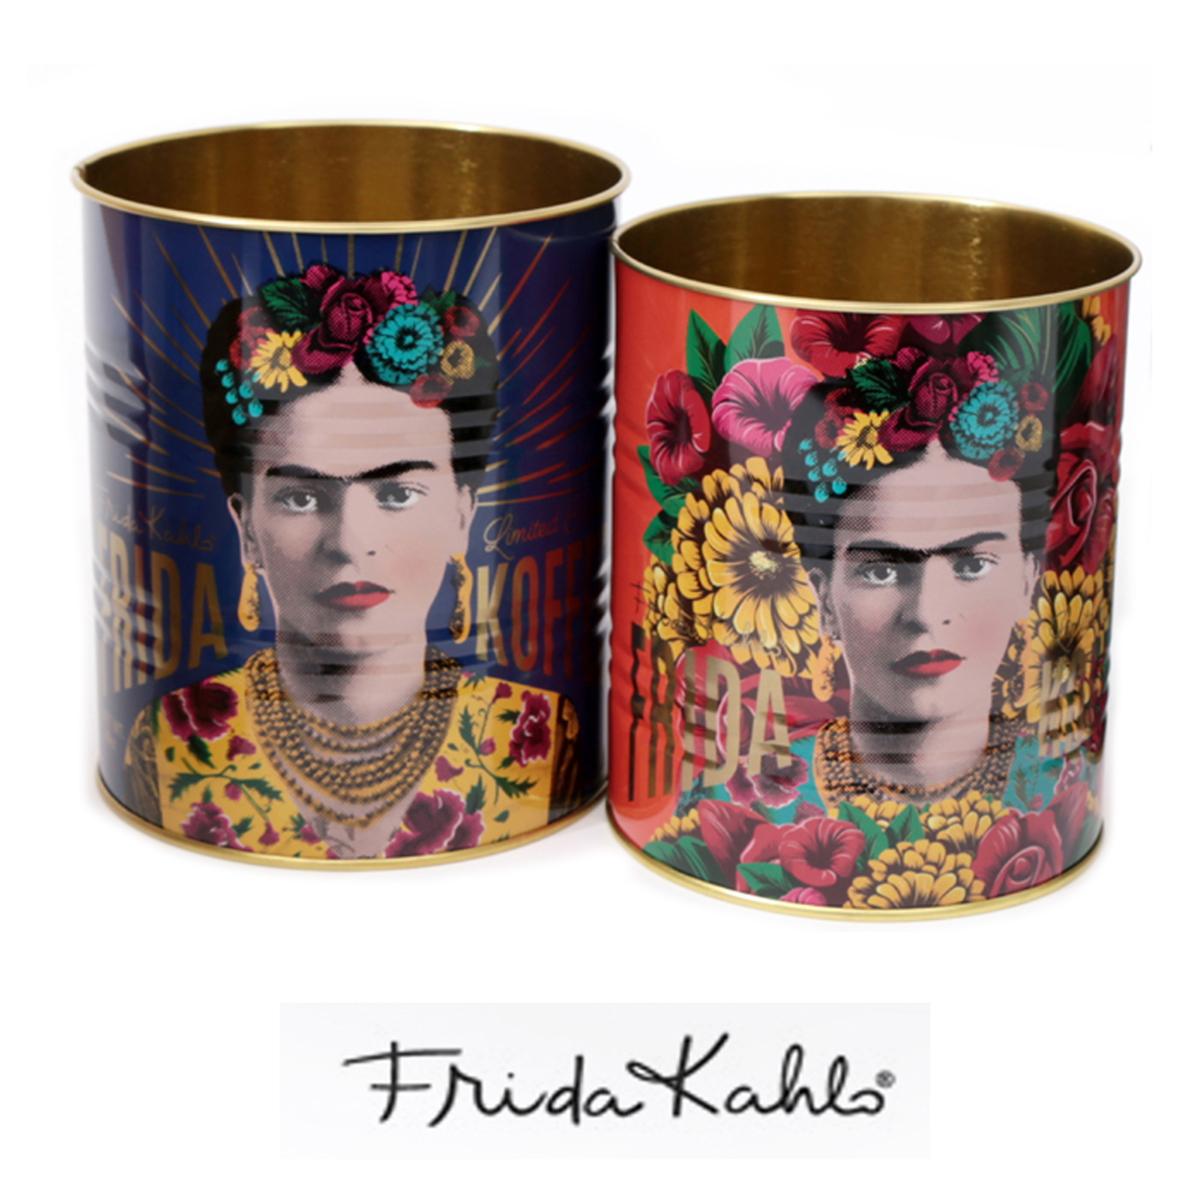 Lot de 2 pots à couverts métal \'Frida Kahlo\' marine rose - 13x11 cm et 12x10 cm - [A0038]